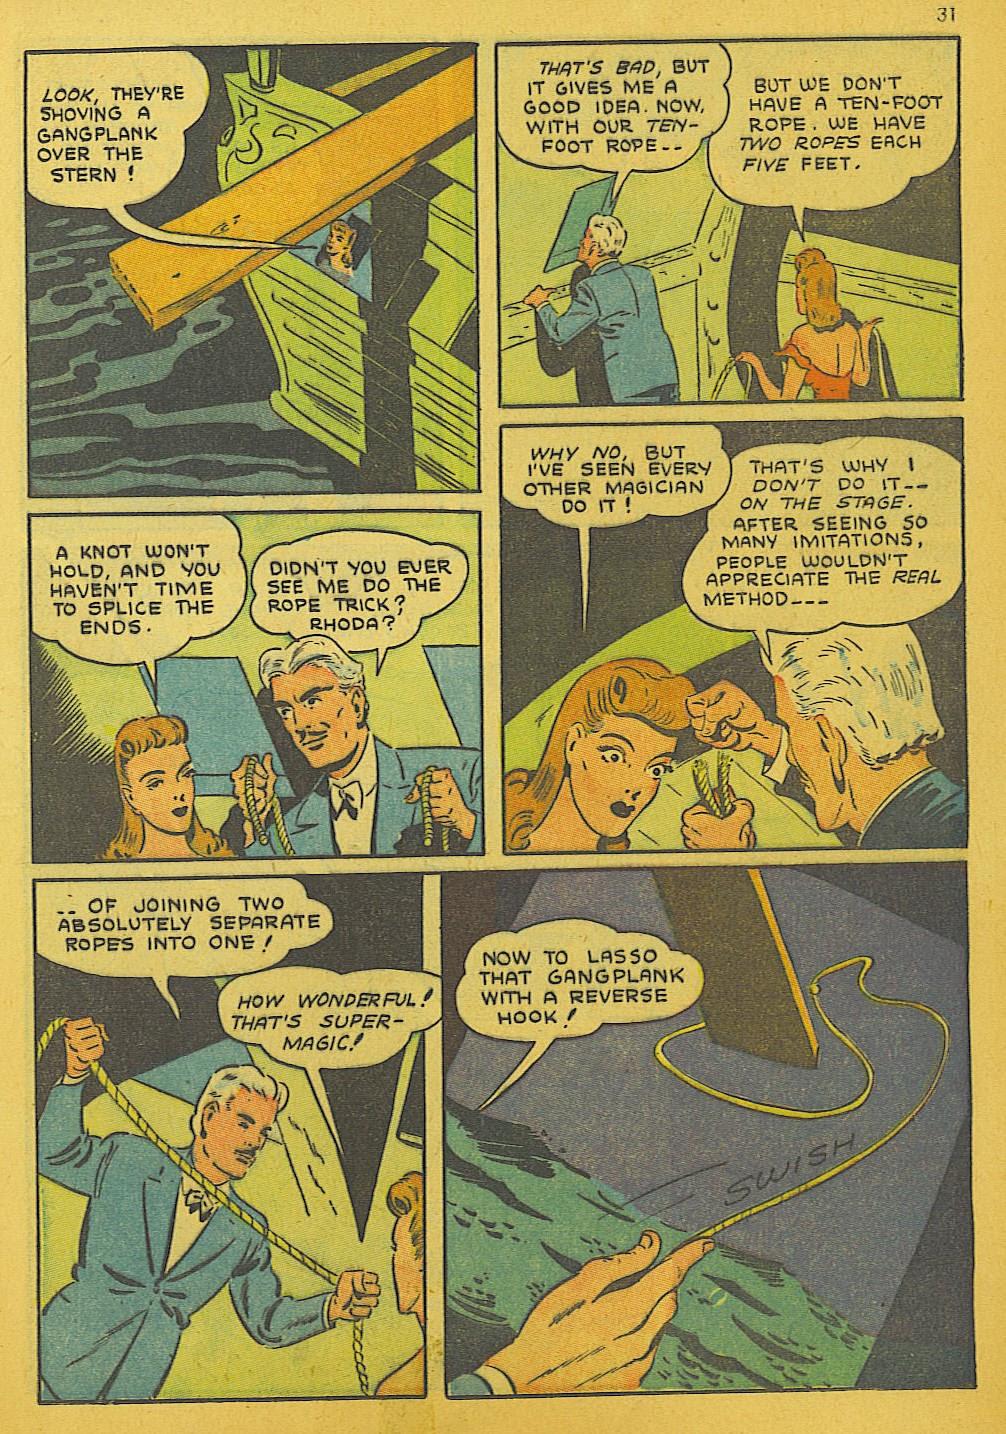 Read online Super-Magician Comics comic -  Issue #10 - 31